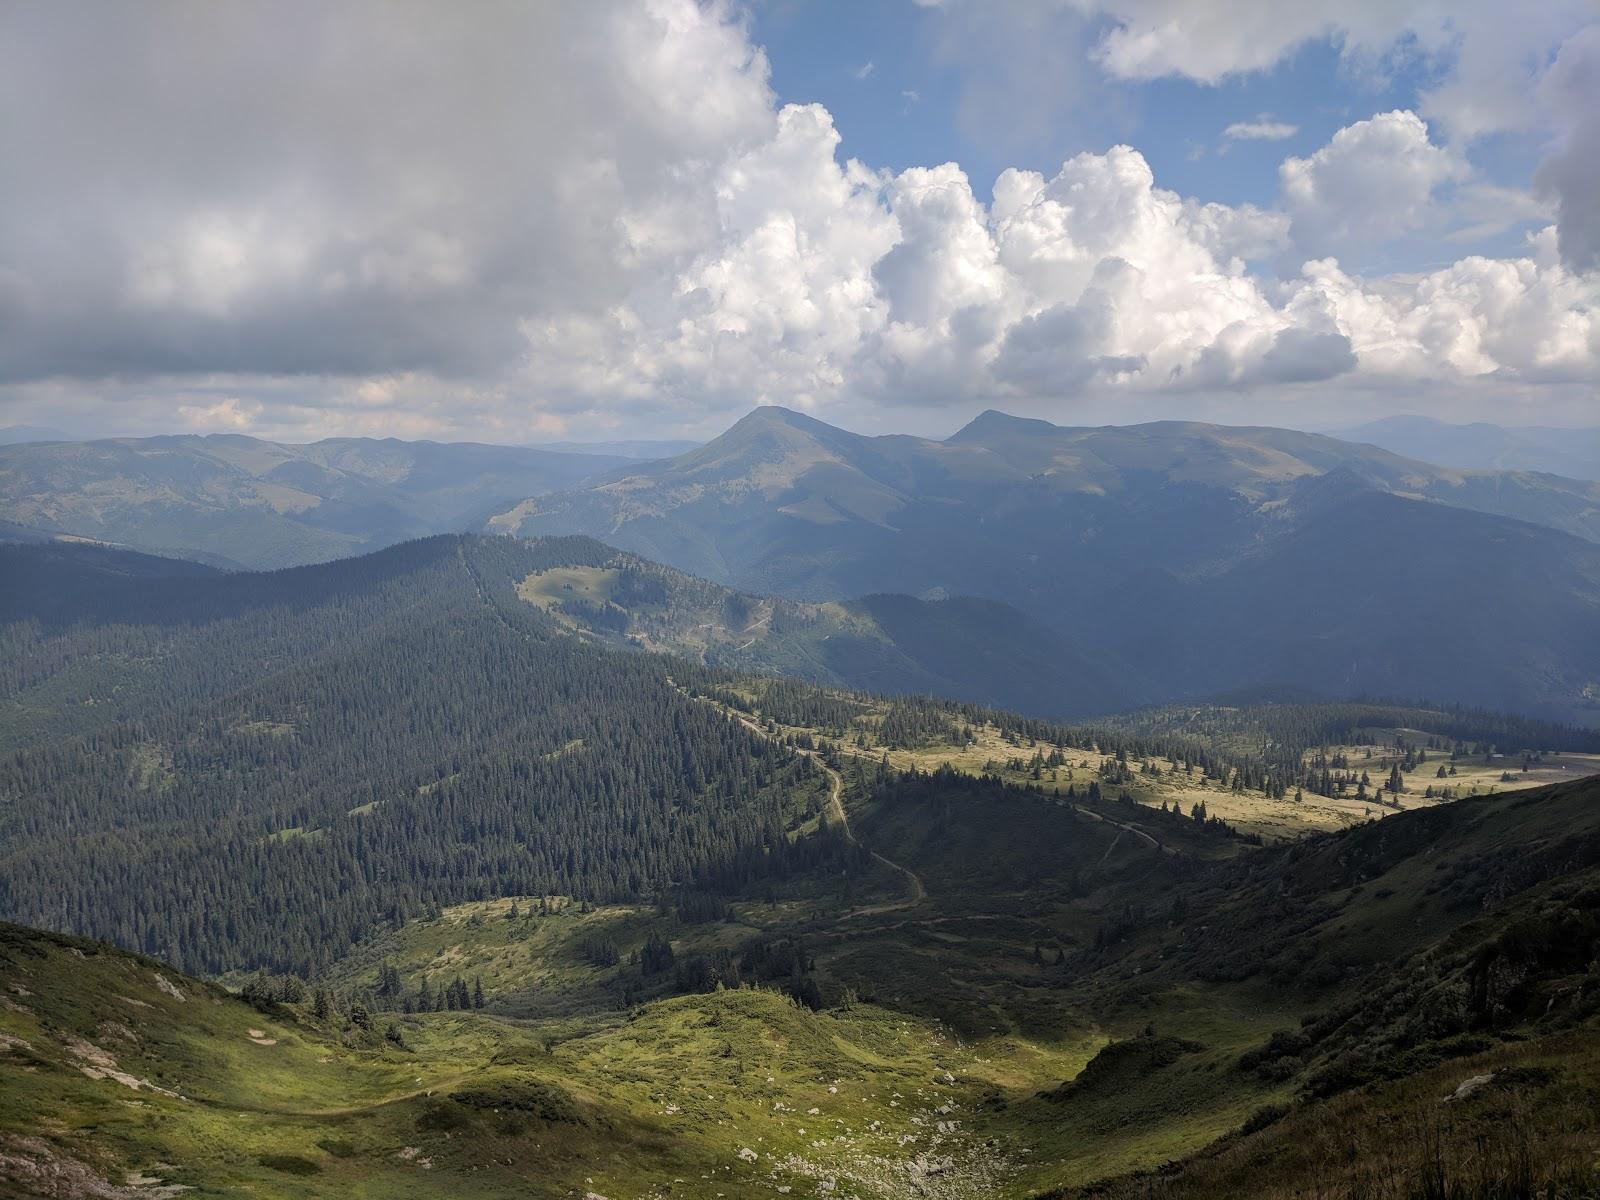 ウクライナのカルパティア山脈の様子